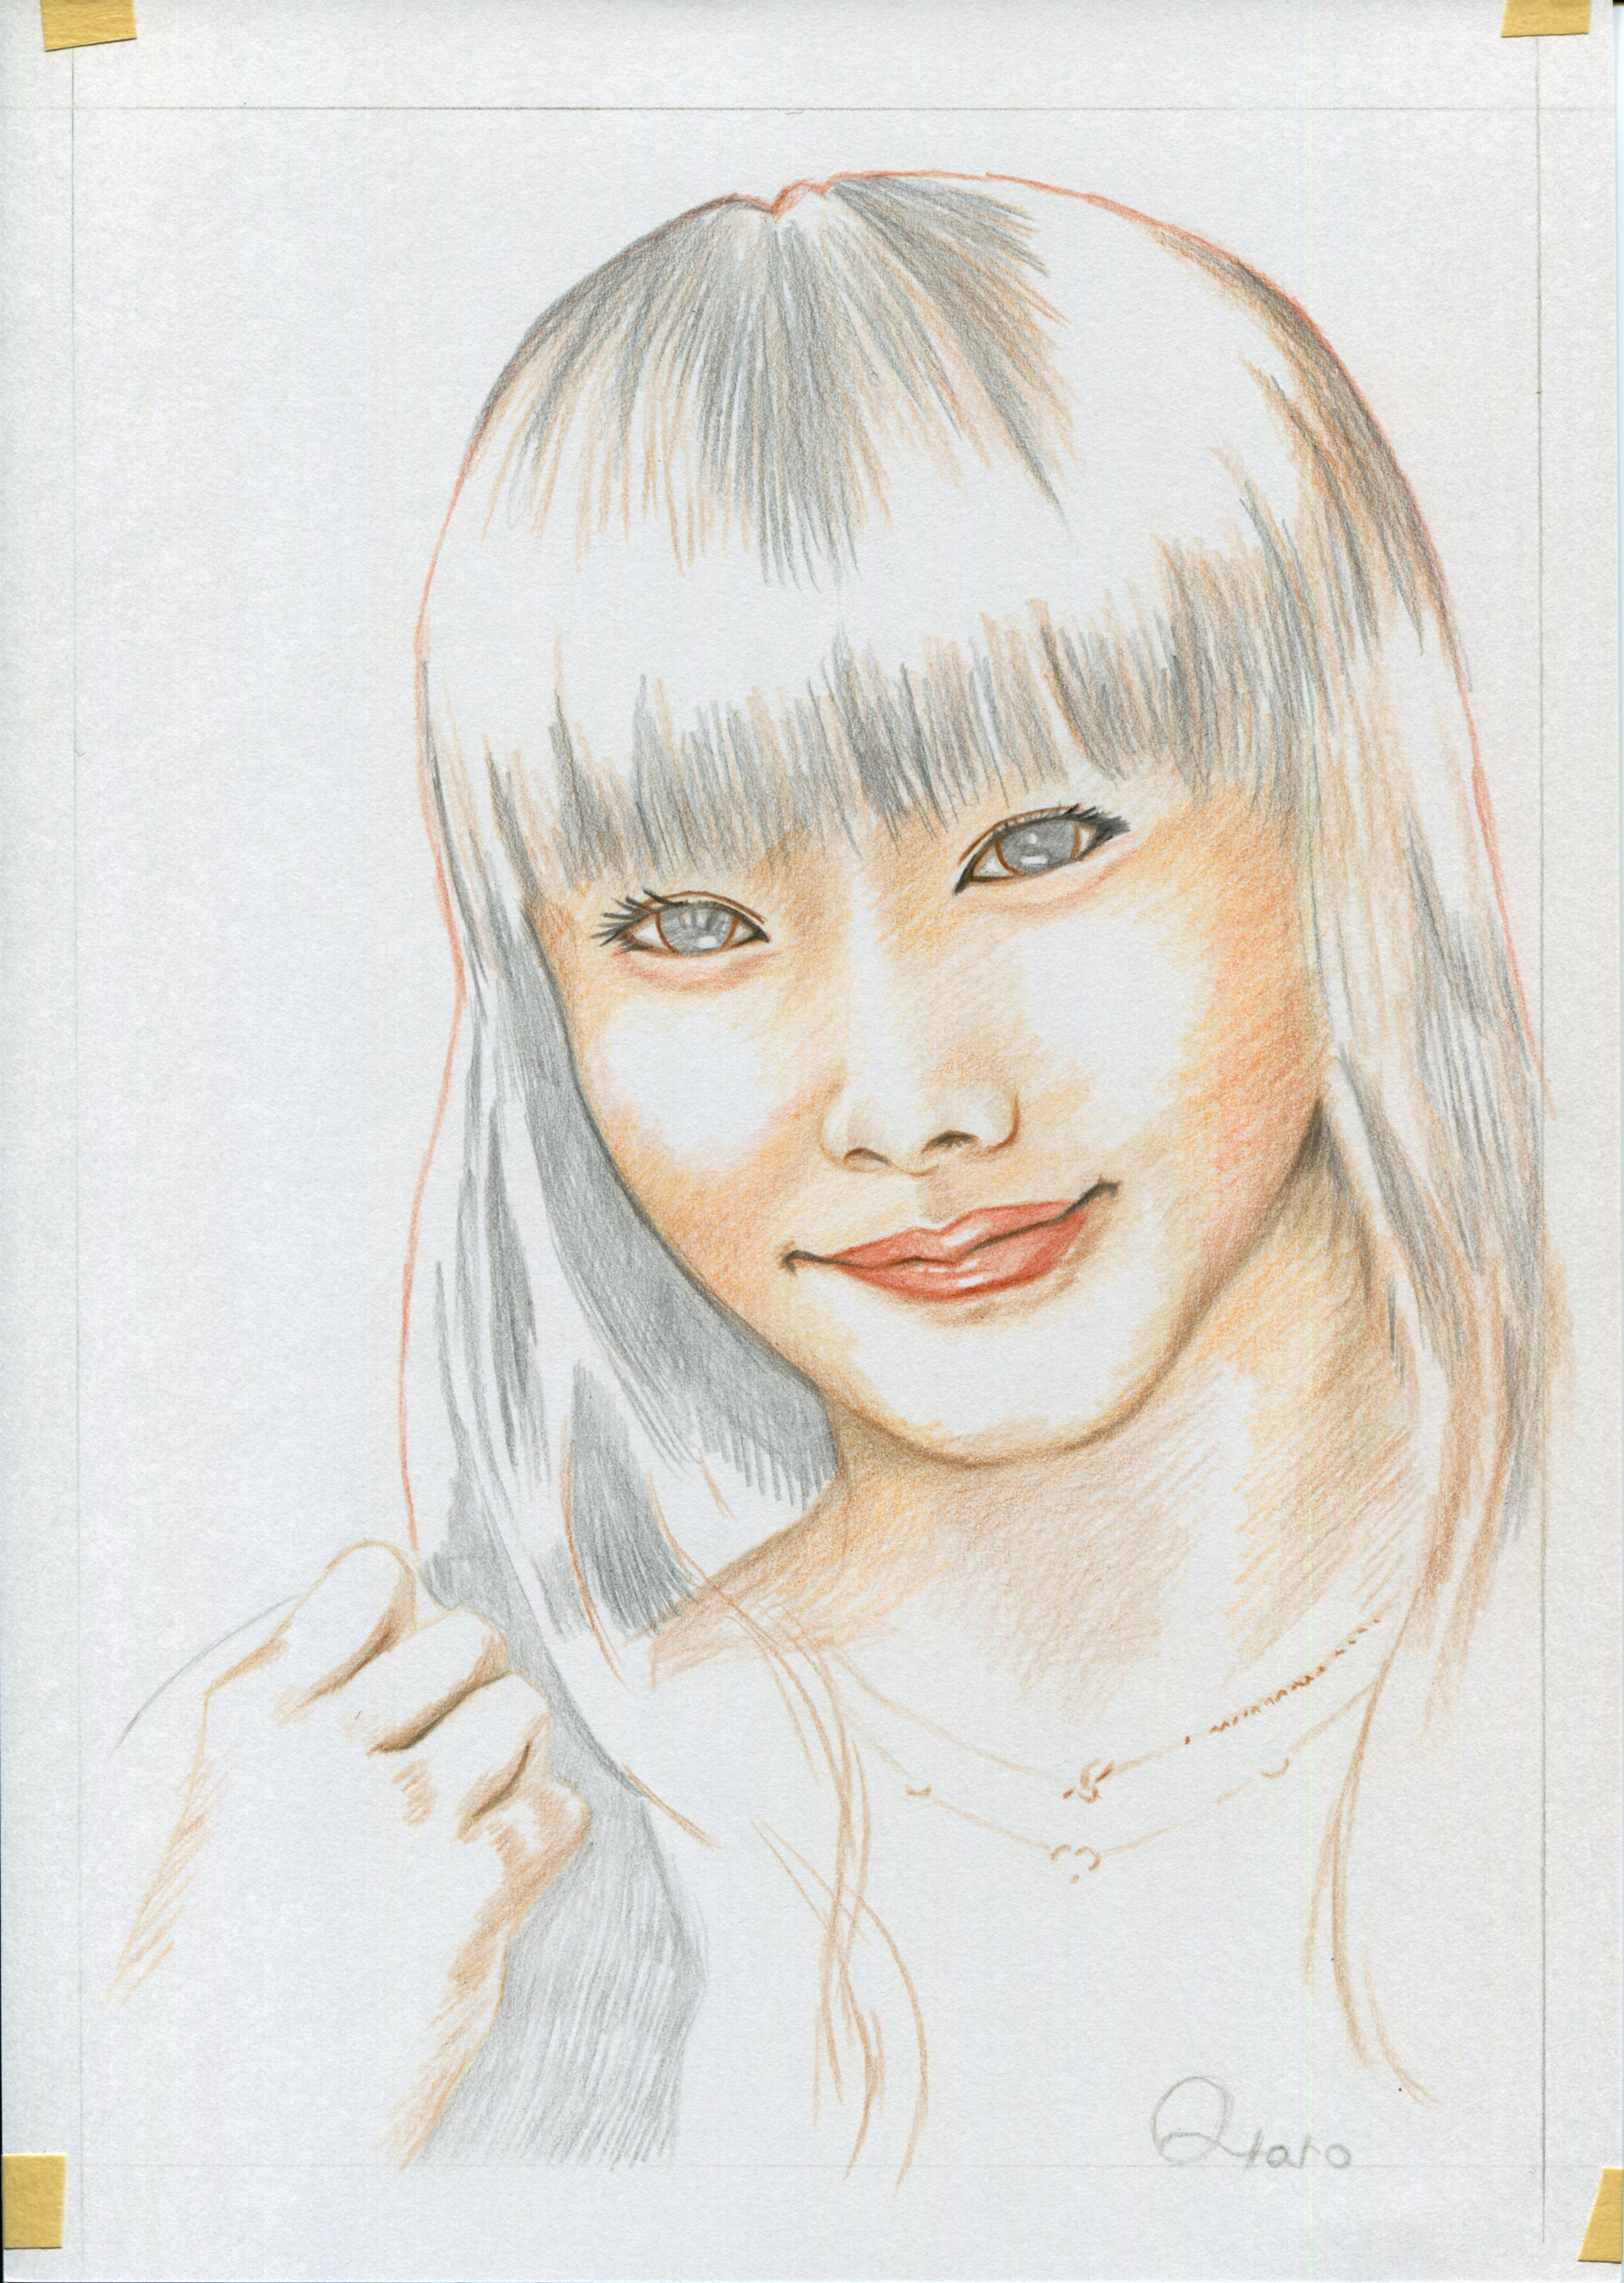 柴崎コウ メイク03-B